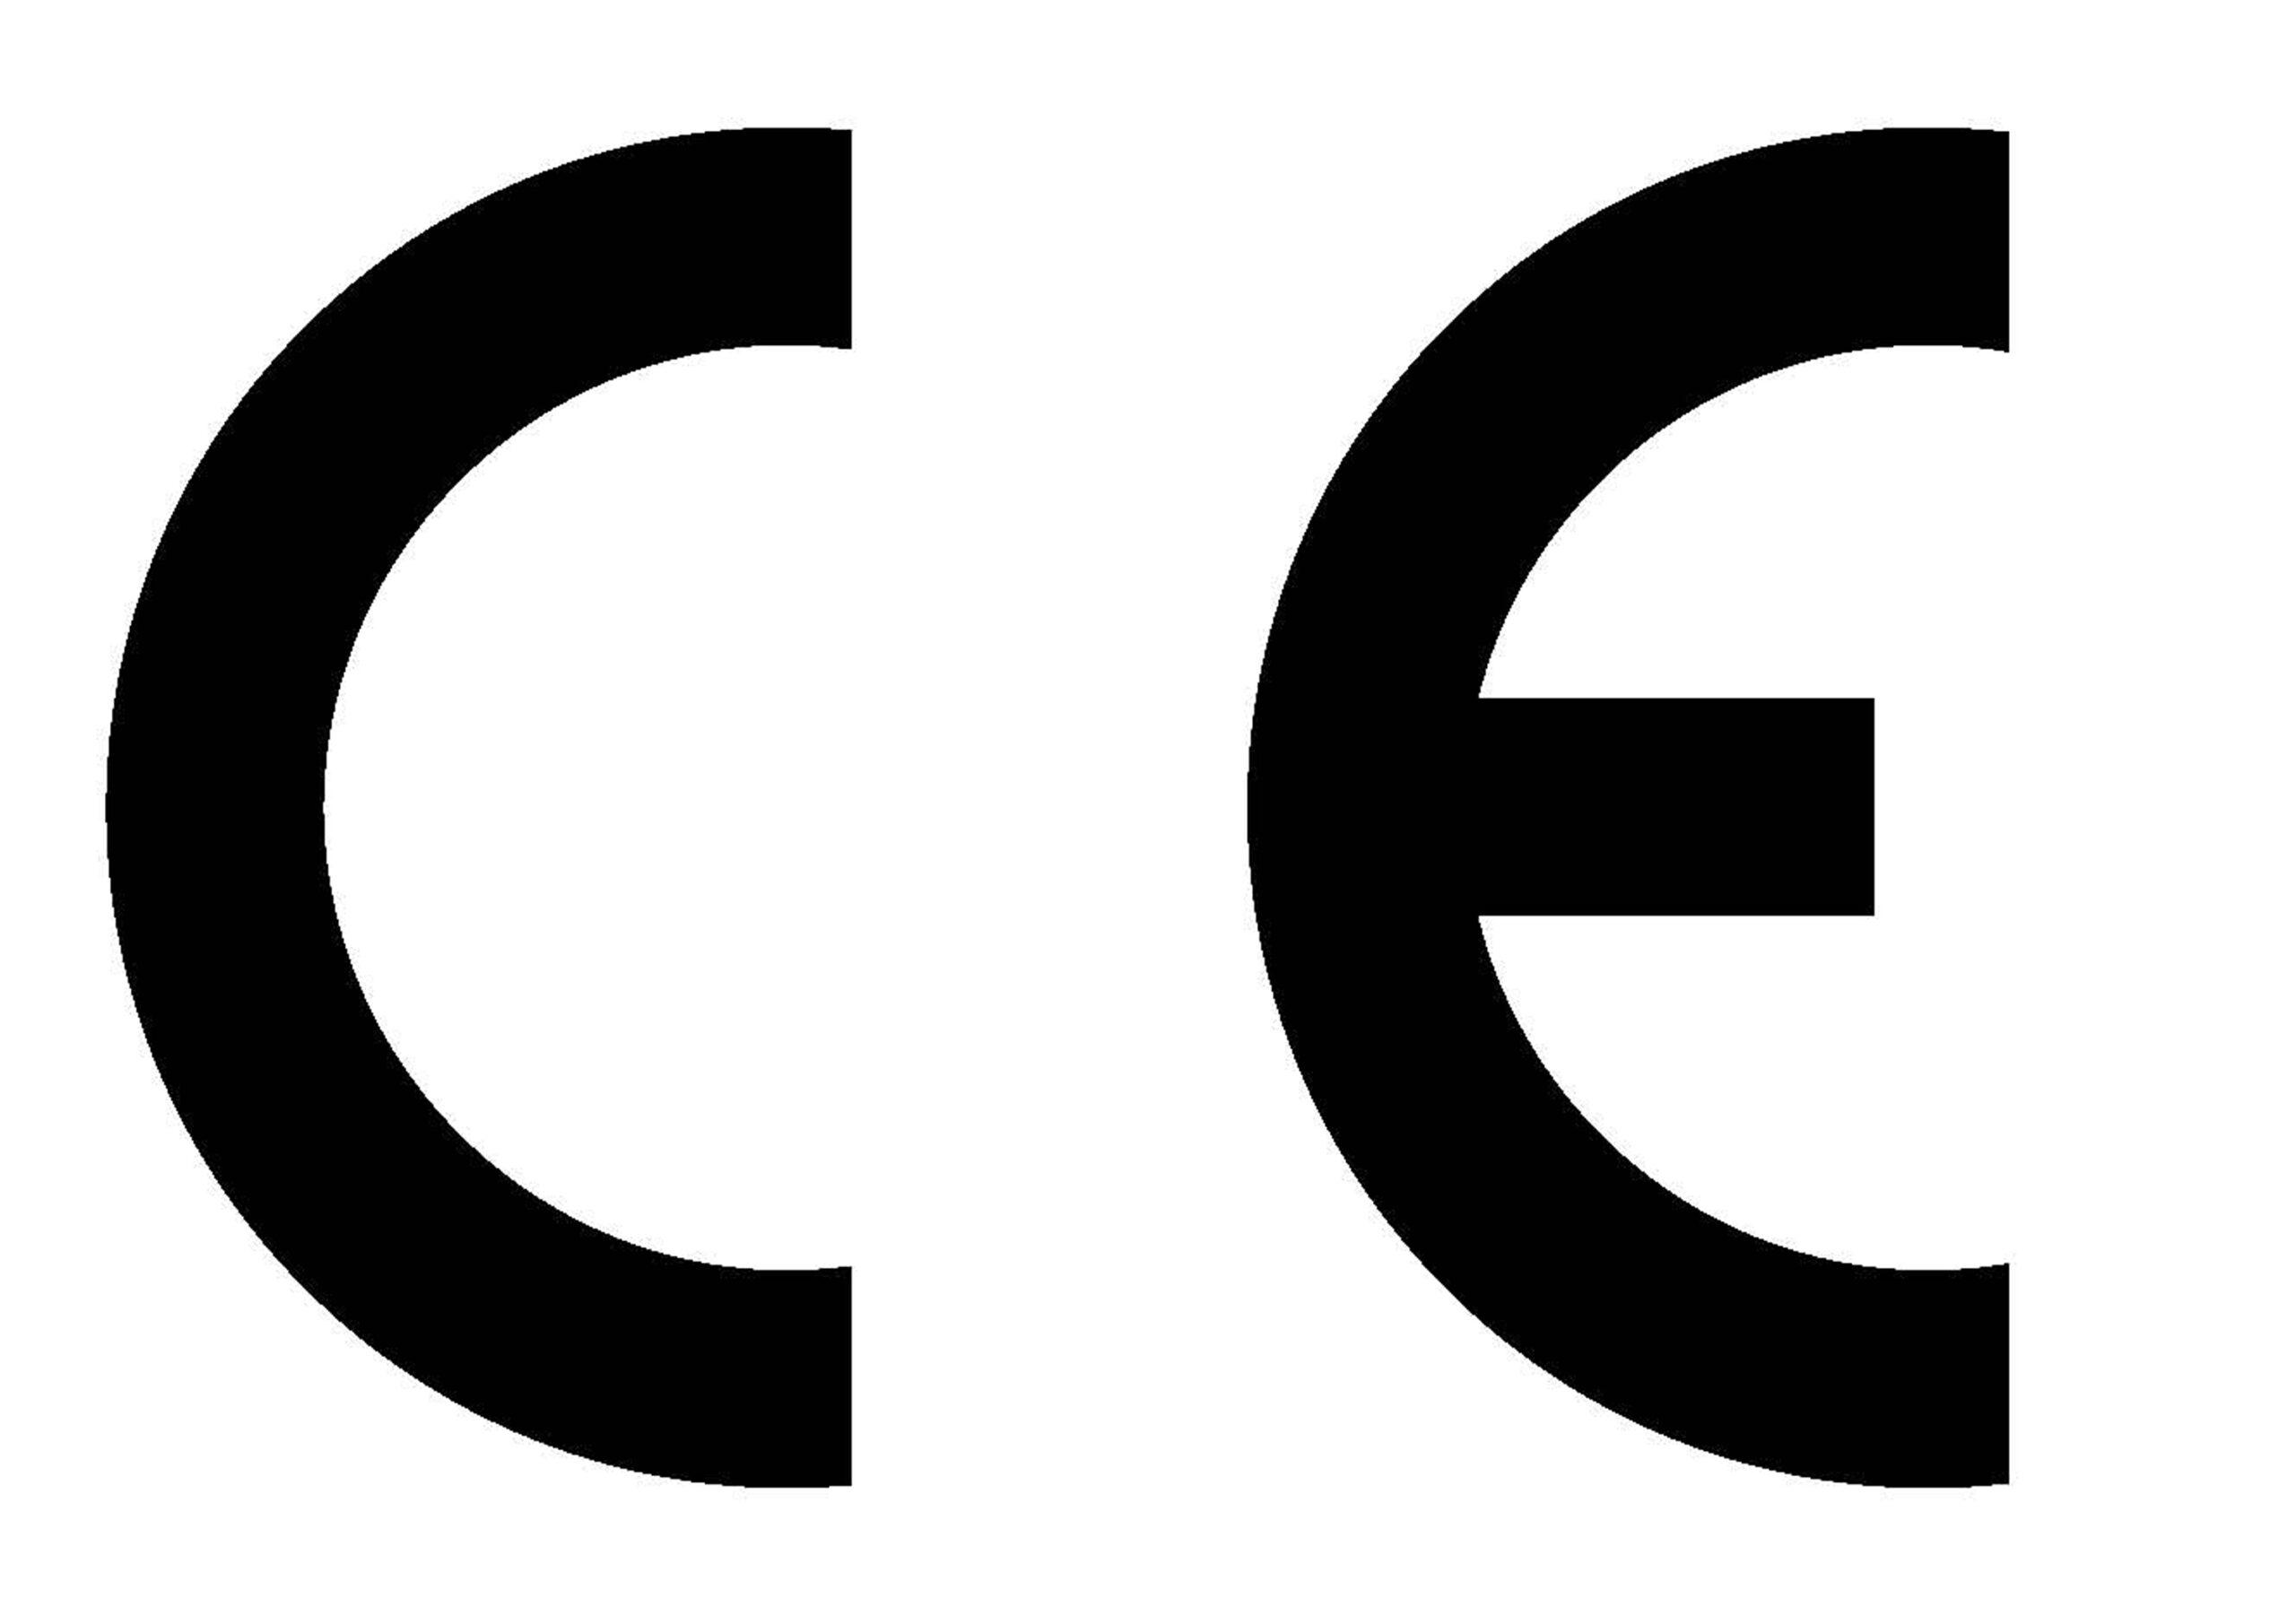 CE marķējuma izvietošanas tiesības